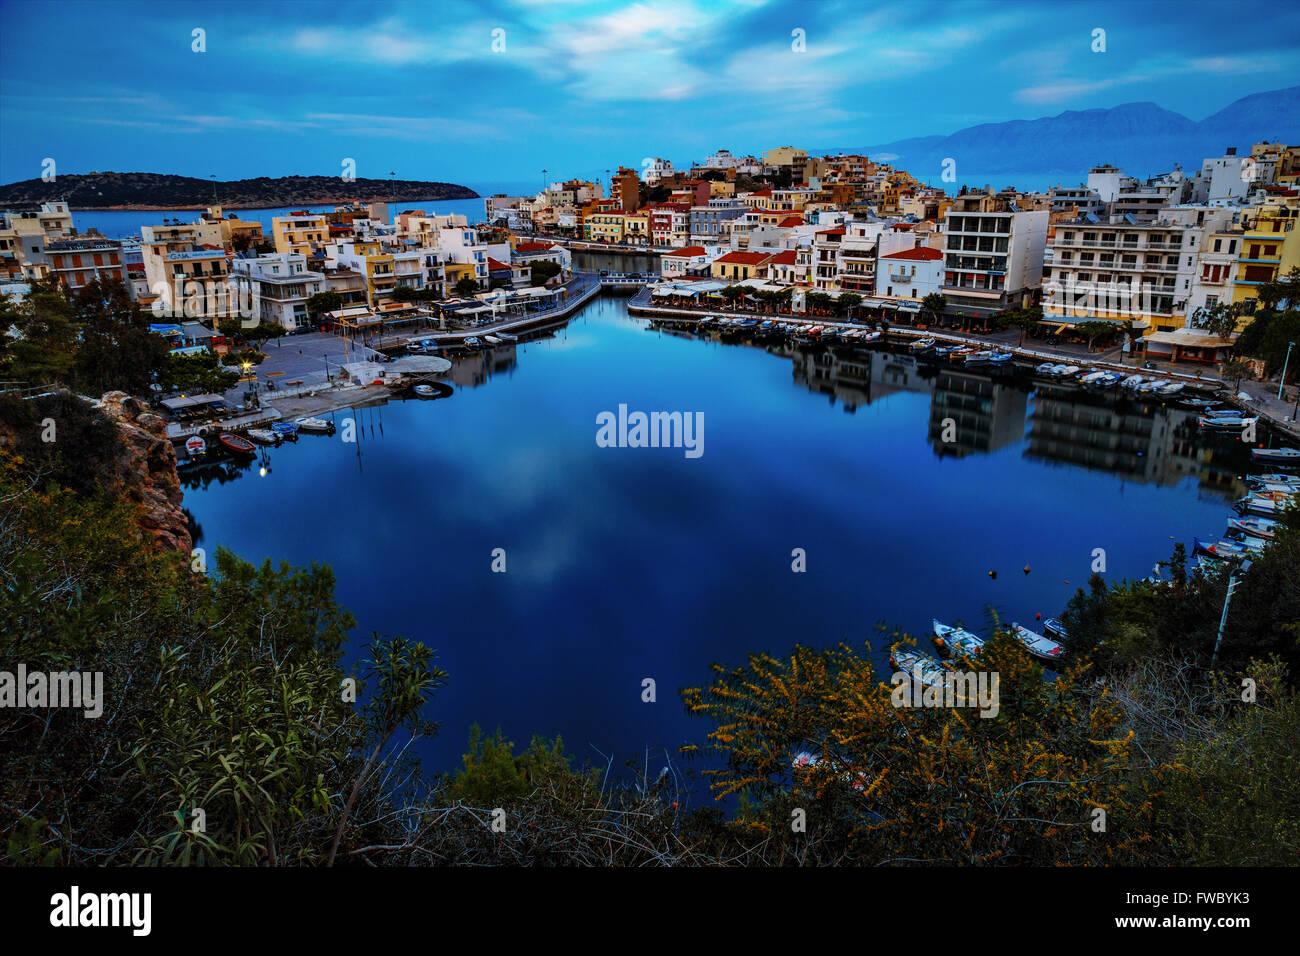 Lake of Agios Nikolaos - Stock Image